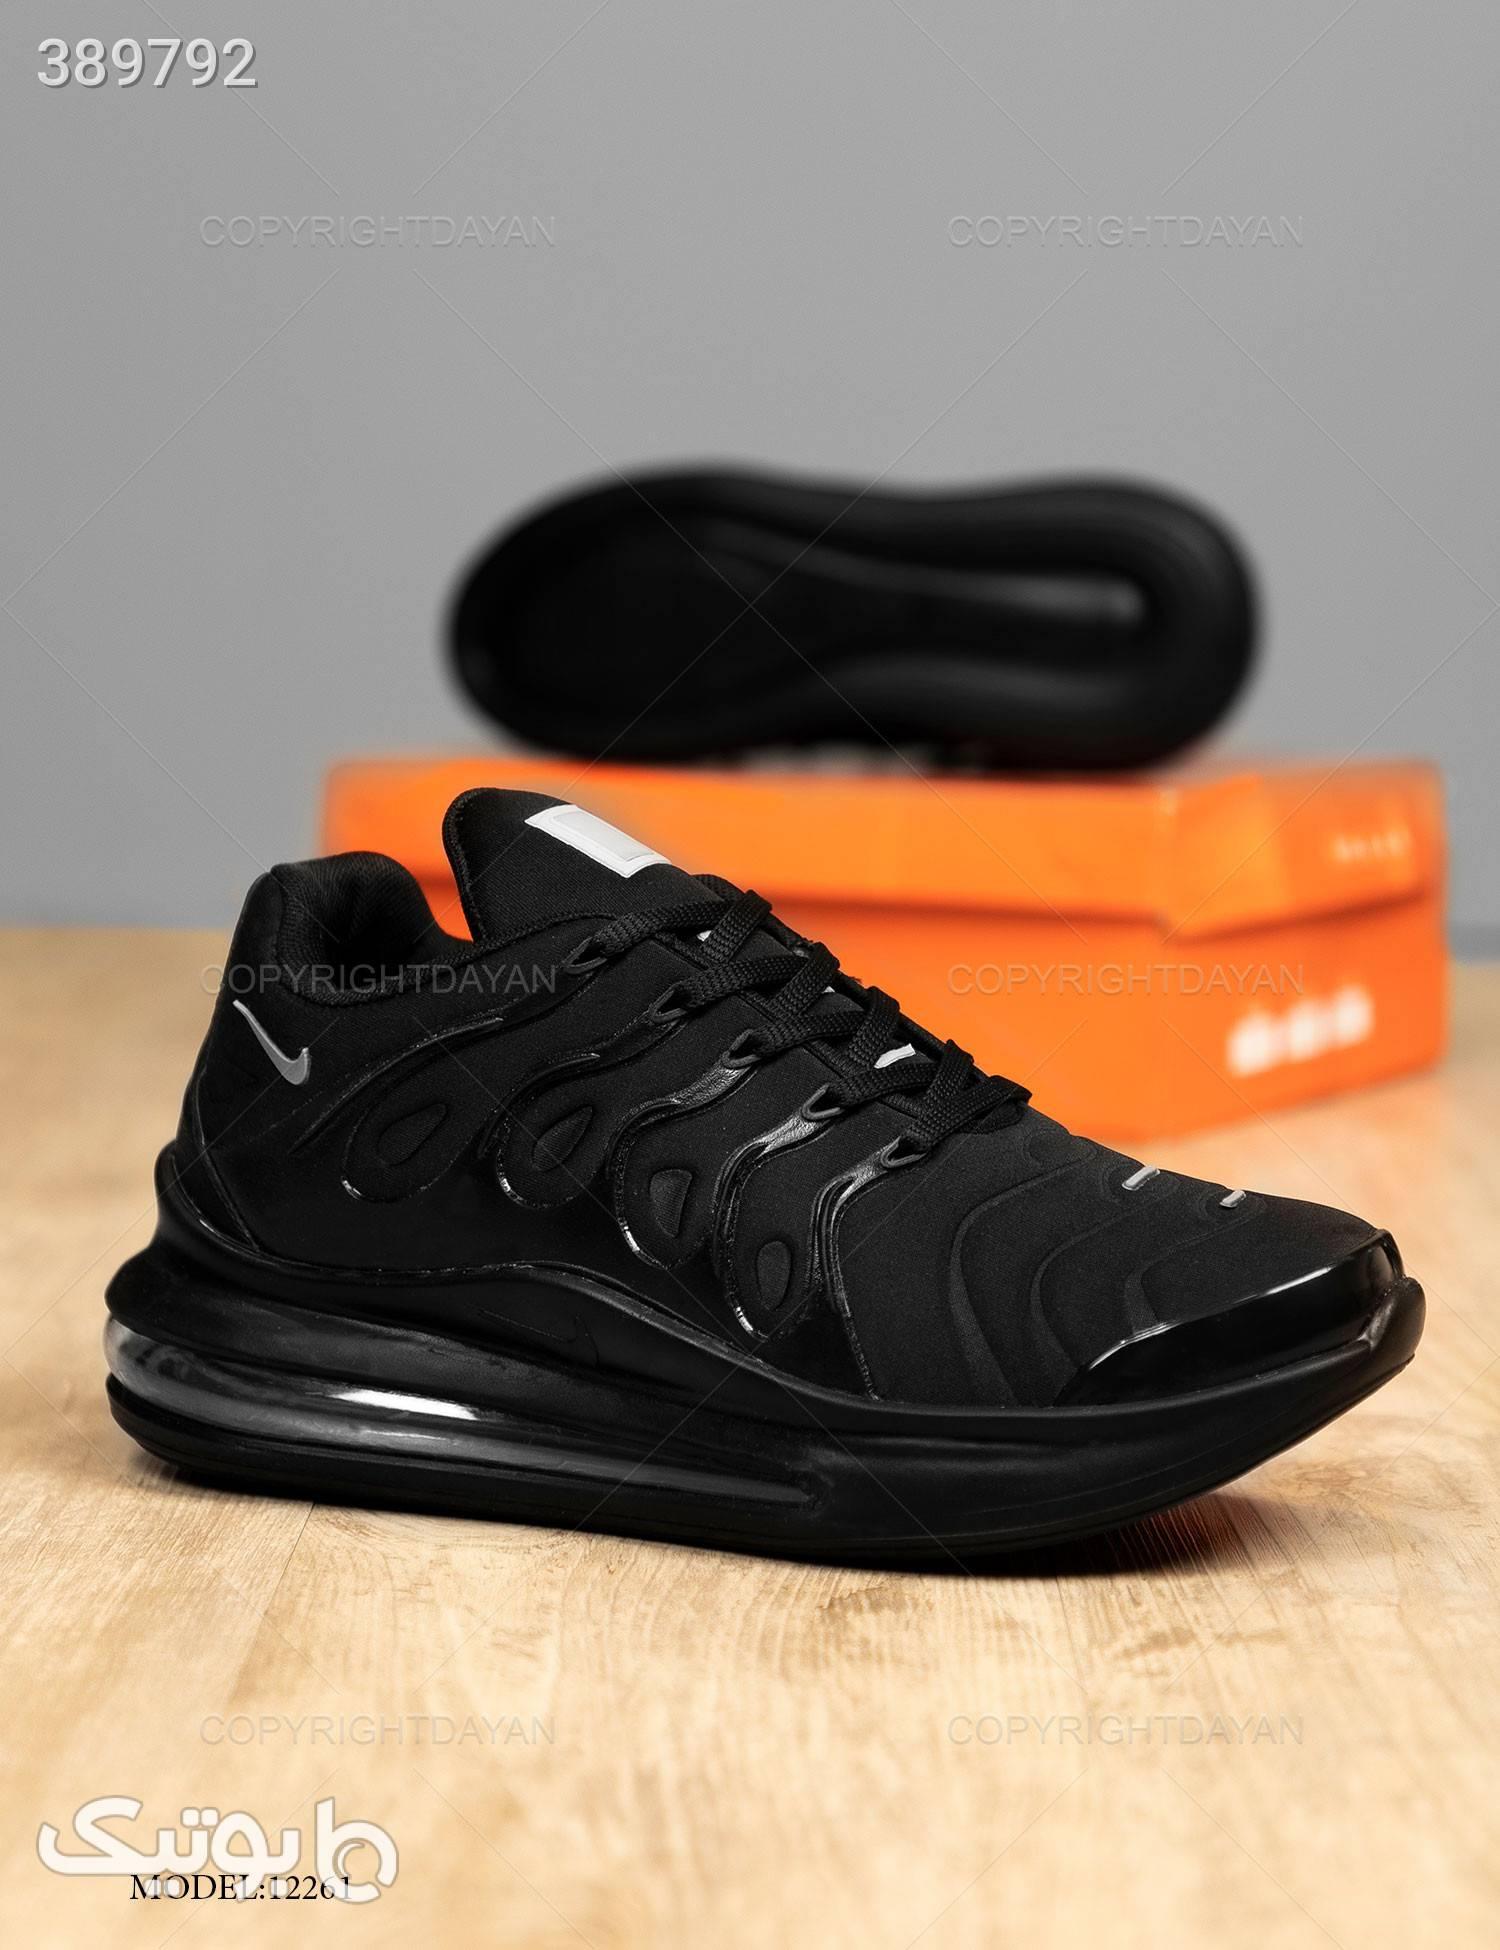 کفش مردانه Nike مدل 12261 مشکی كتانی مردانه